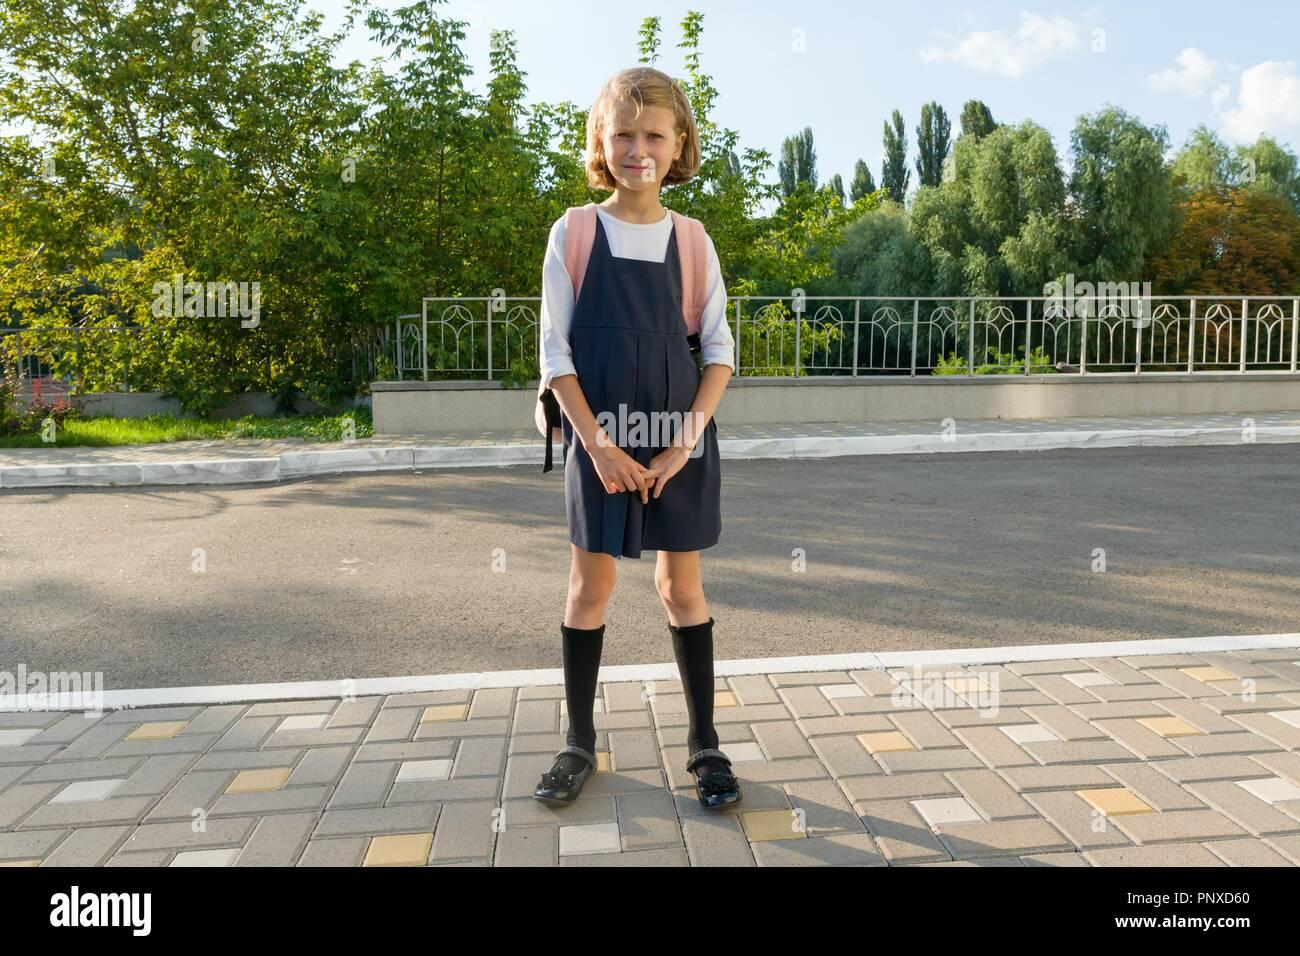 Outdoor Portrait eines kleinen Schüler, Mädchen mit Brille, Uniform mit Rucksack. Schule, Bildung, Wissen und Kinder Stockbild